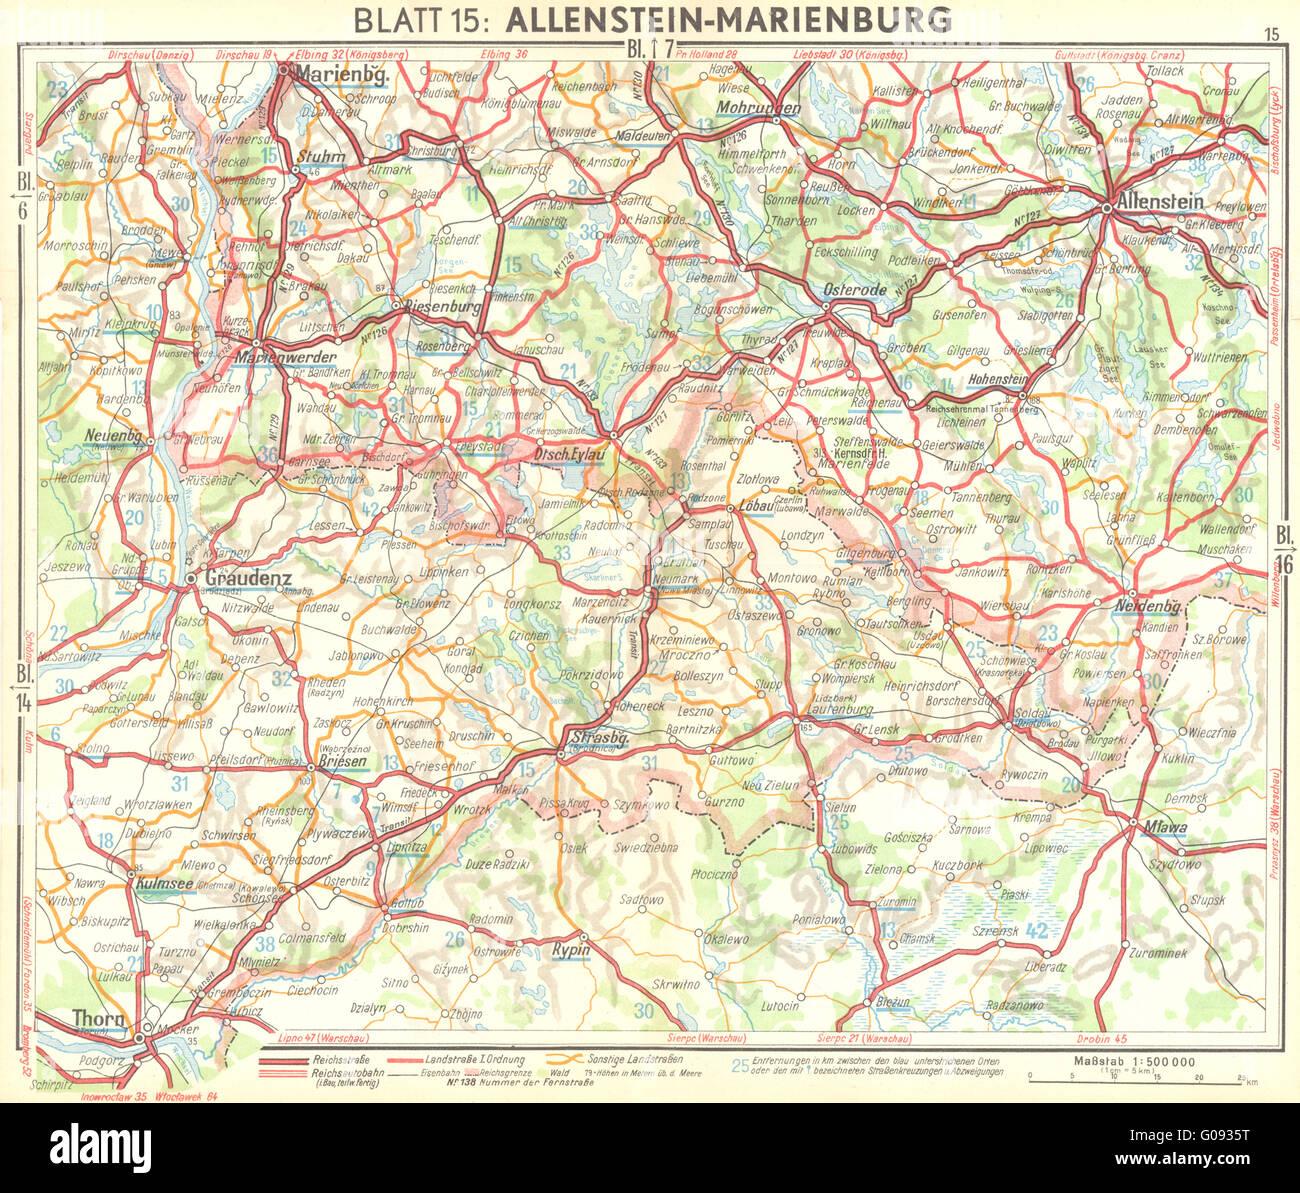 GERMANY: Allenstein-Marienburg, 1936 vintage map - Stock Image